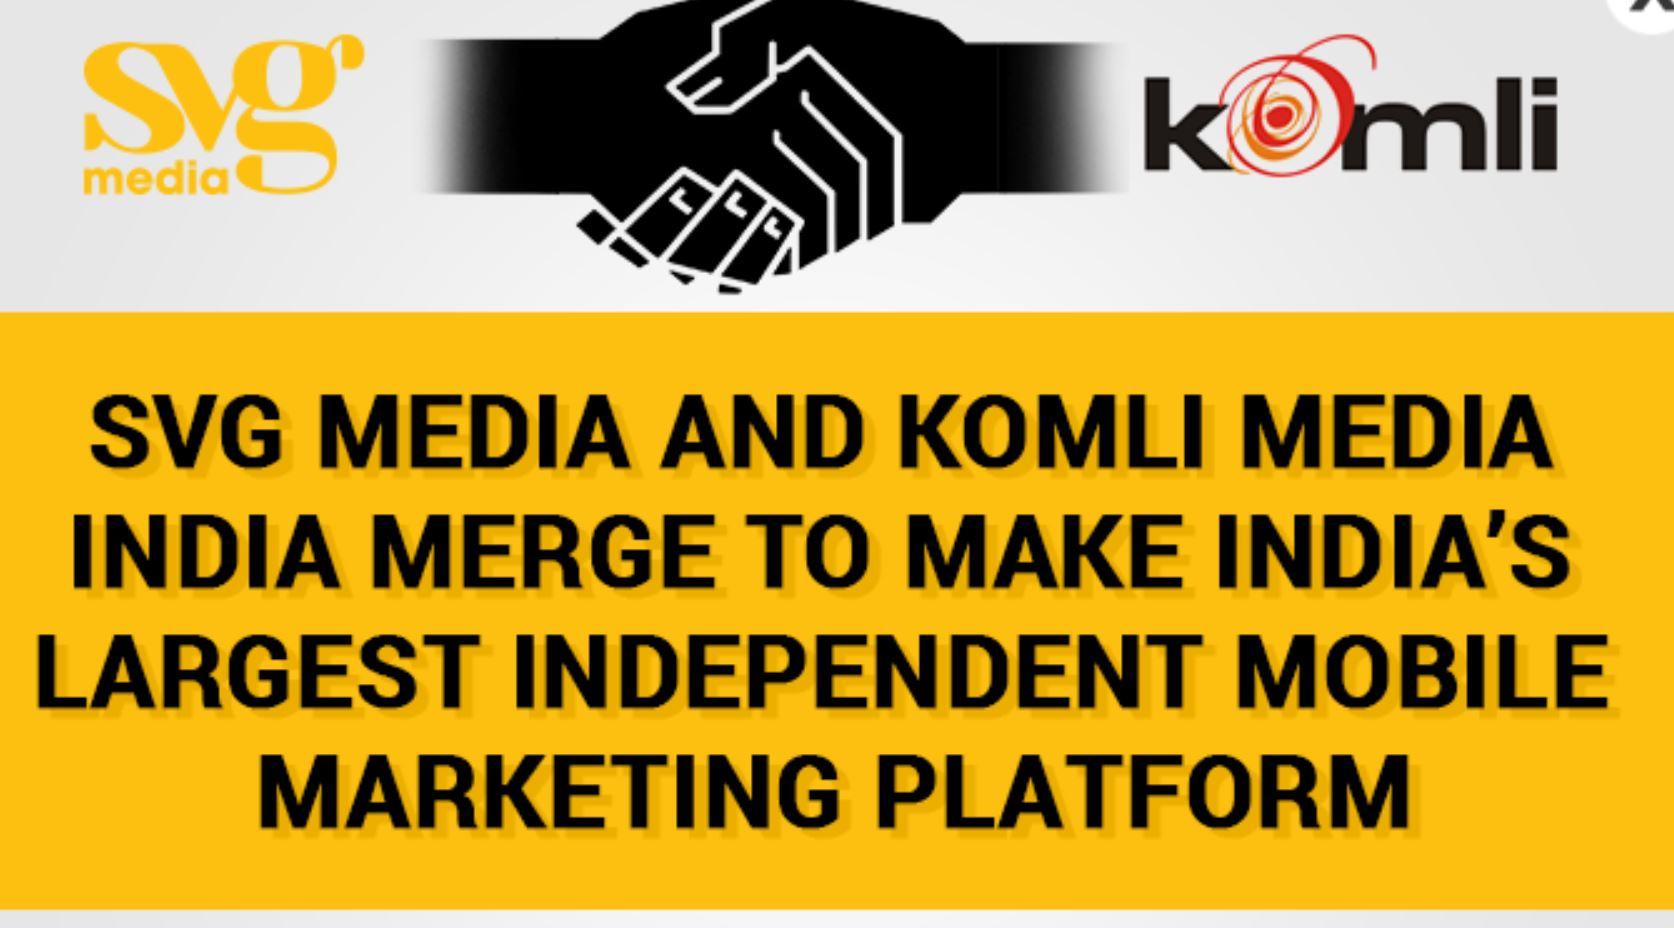 SVG-media